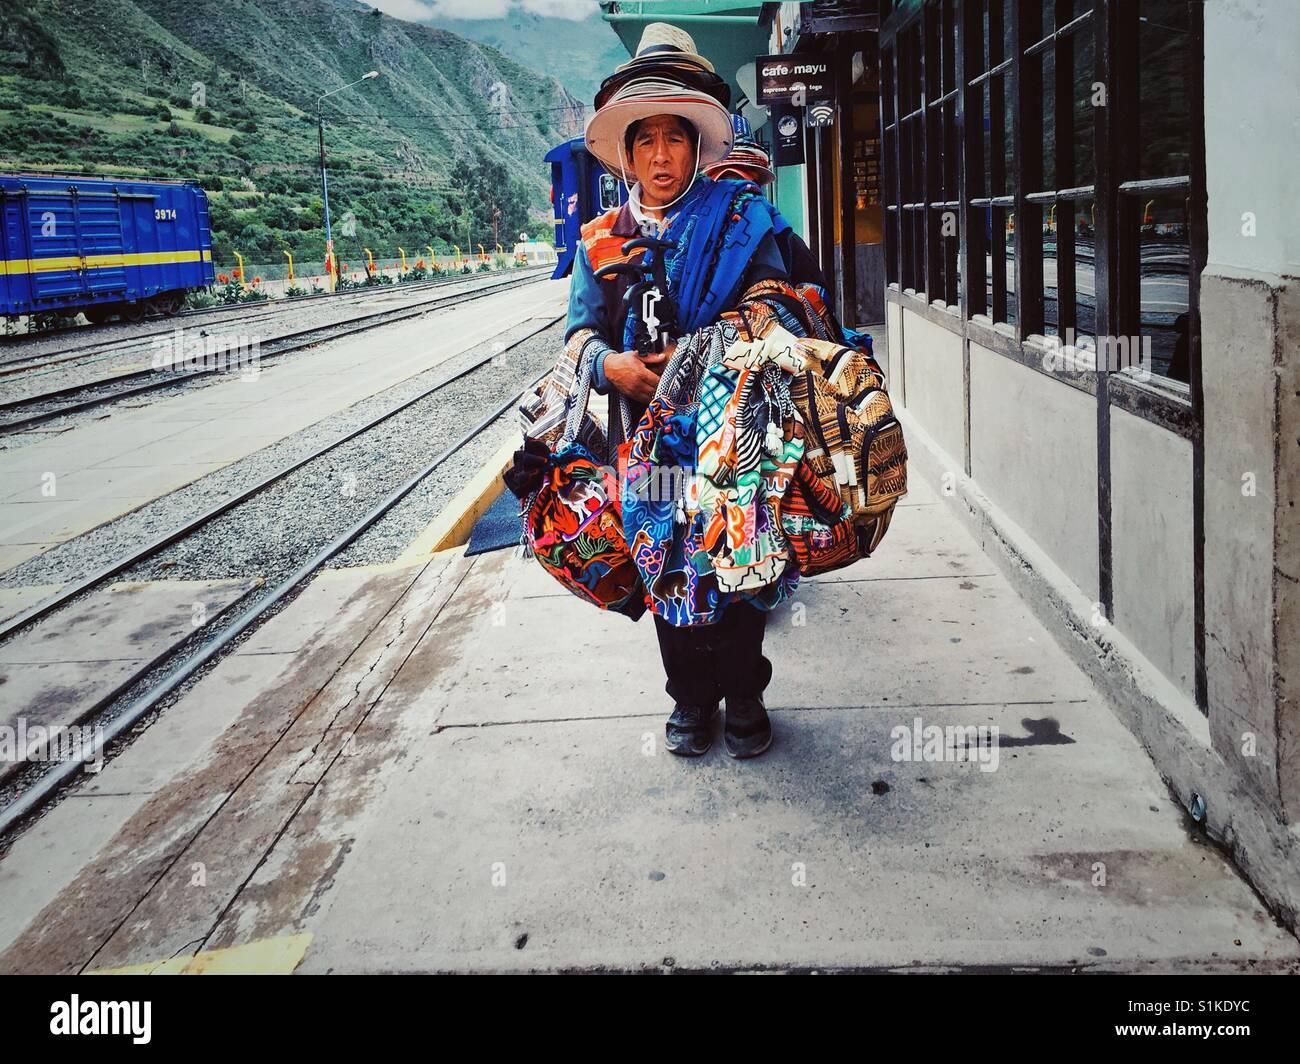 Peruanischen traditionellen Textil Verkäufer mit seinen Gütern auf einem Bahnhof in Ollantaytambo Stockbild